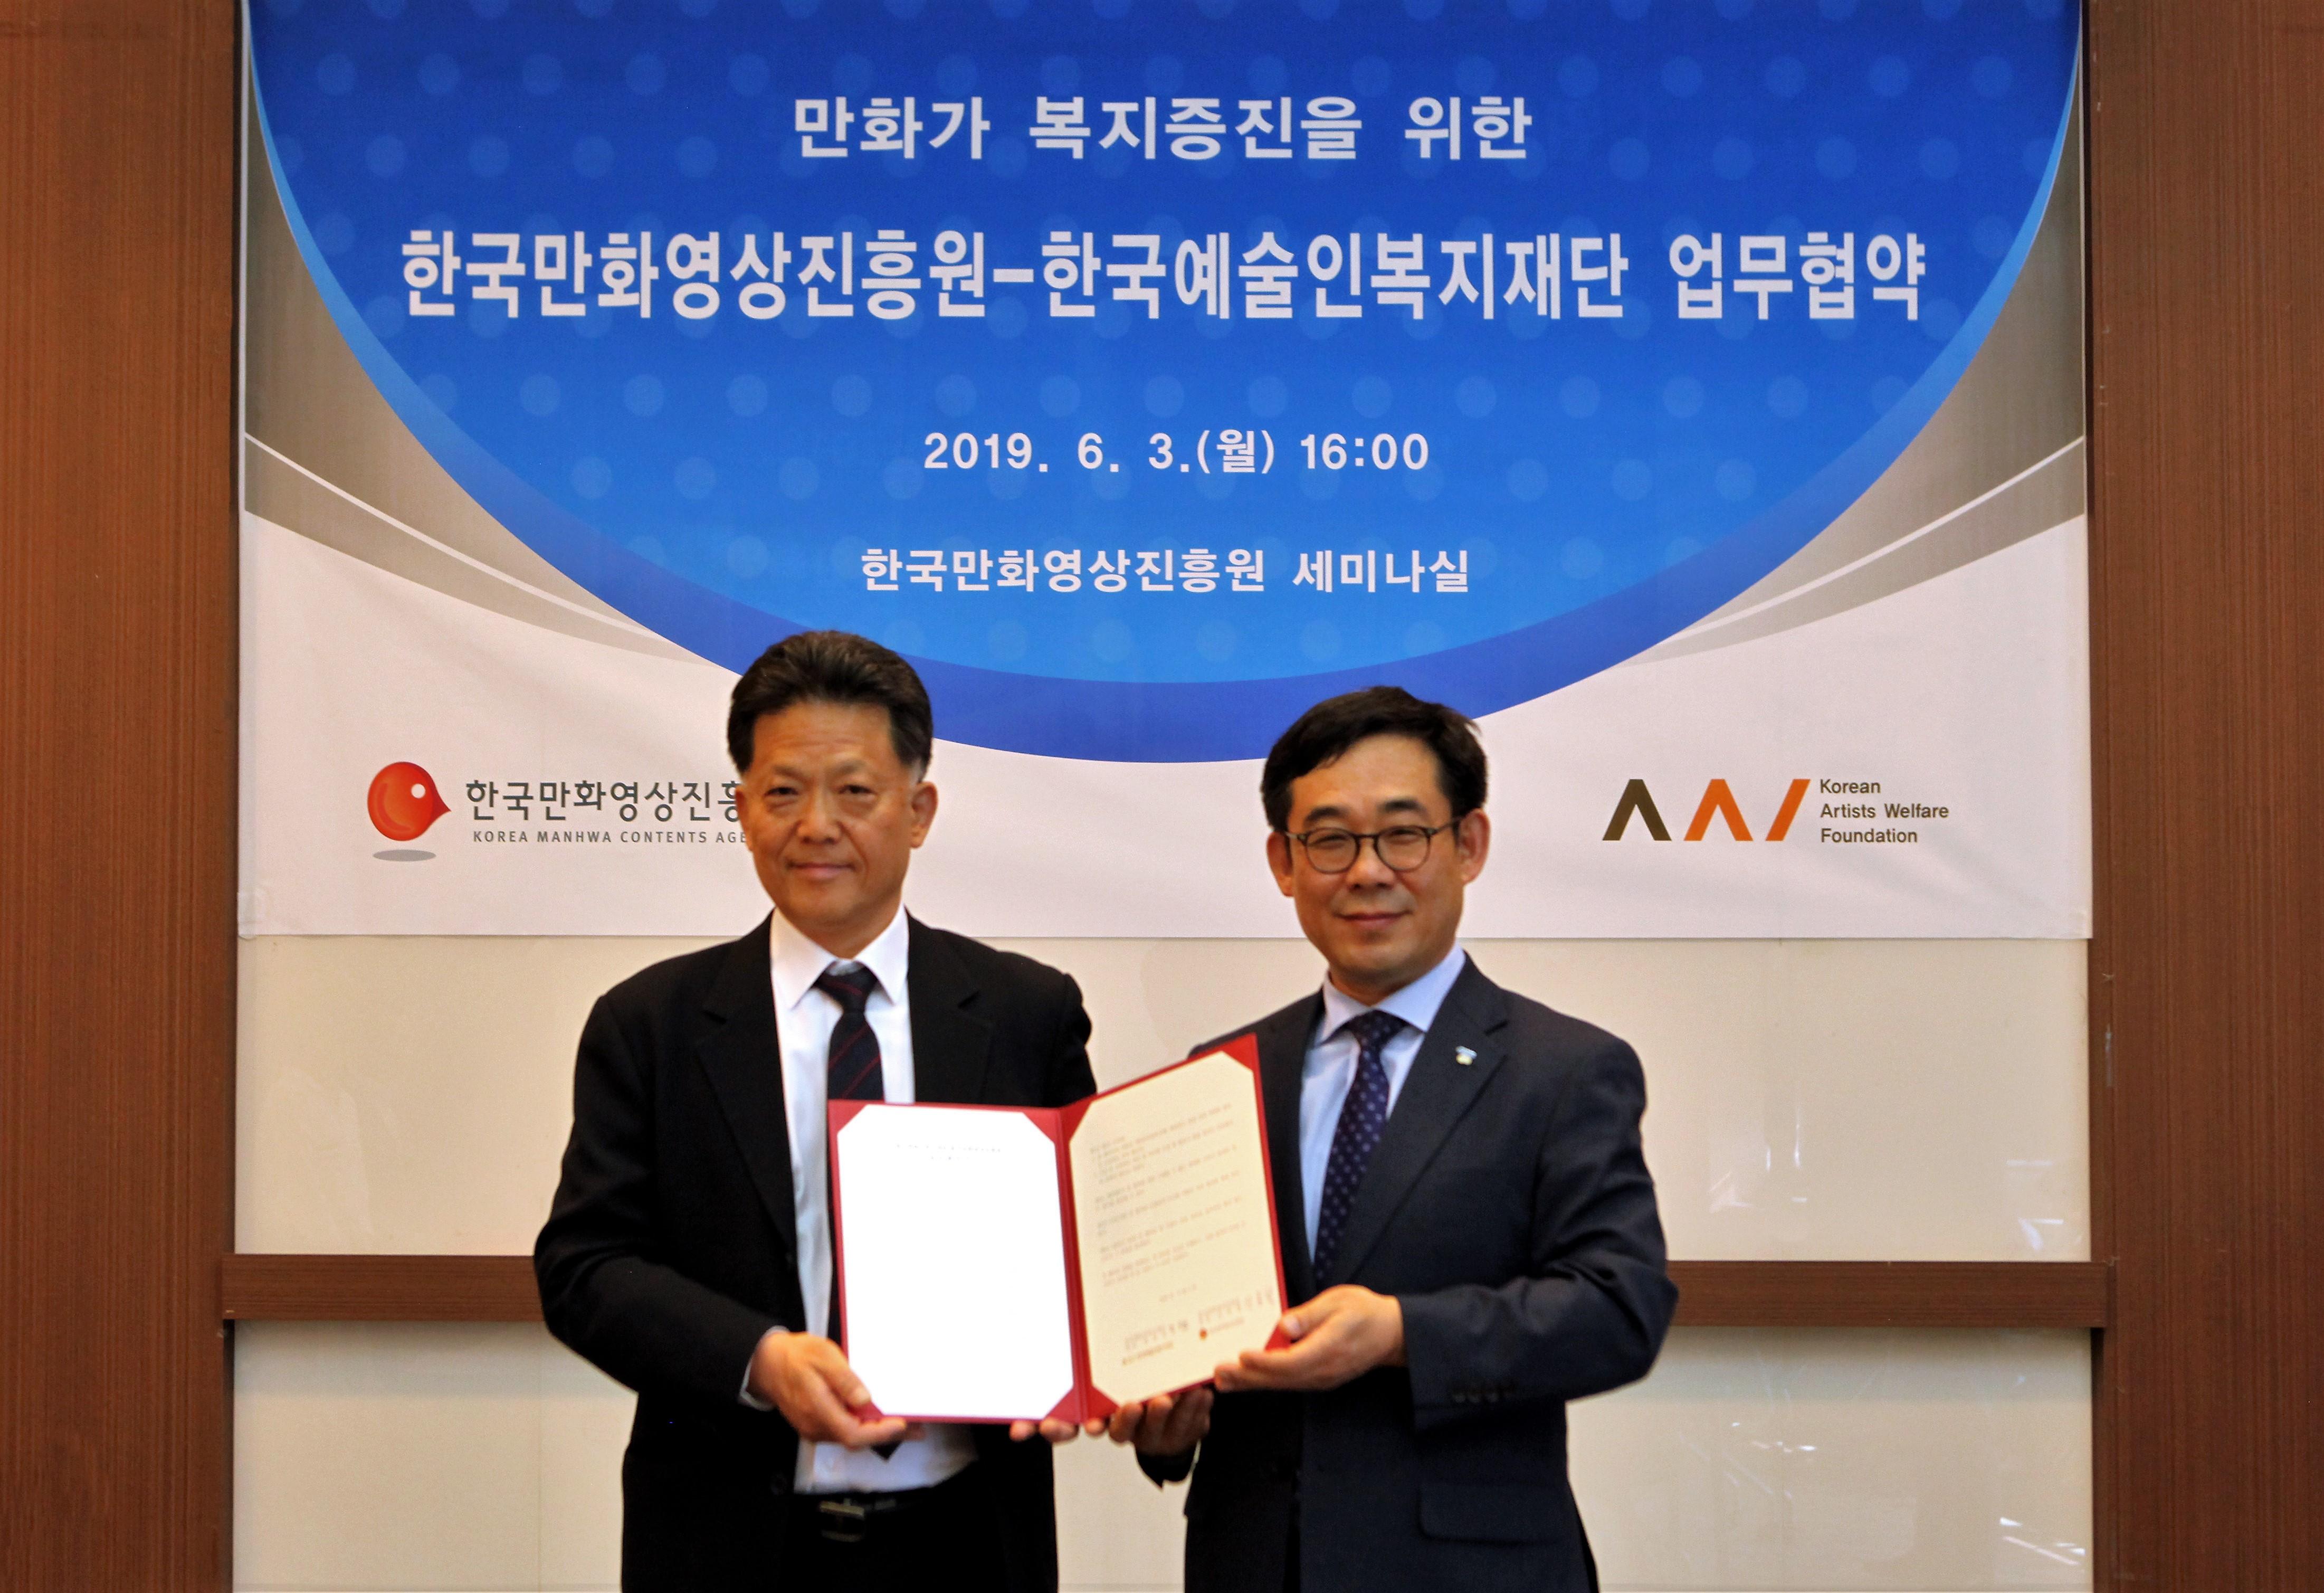 만화가 복지증진을 위한 한국예술인복지재단과의 업무협약